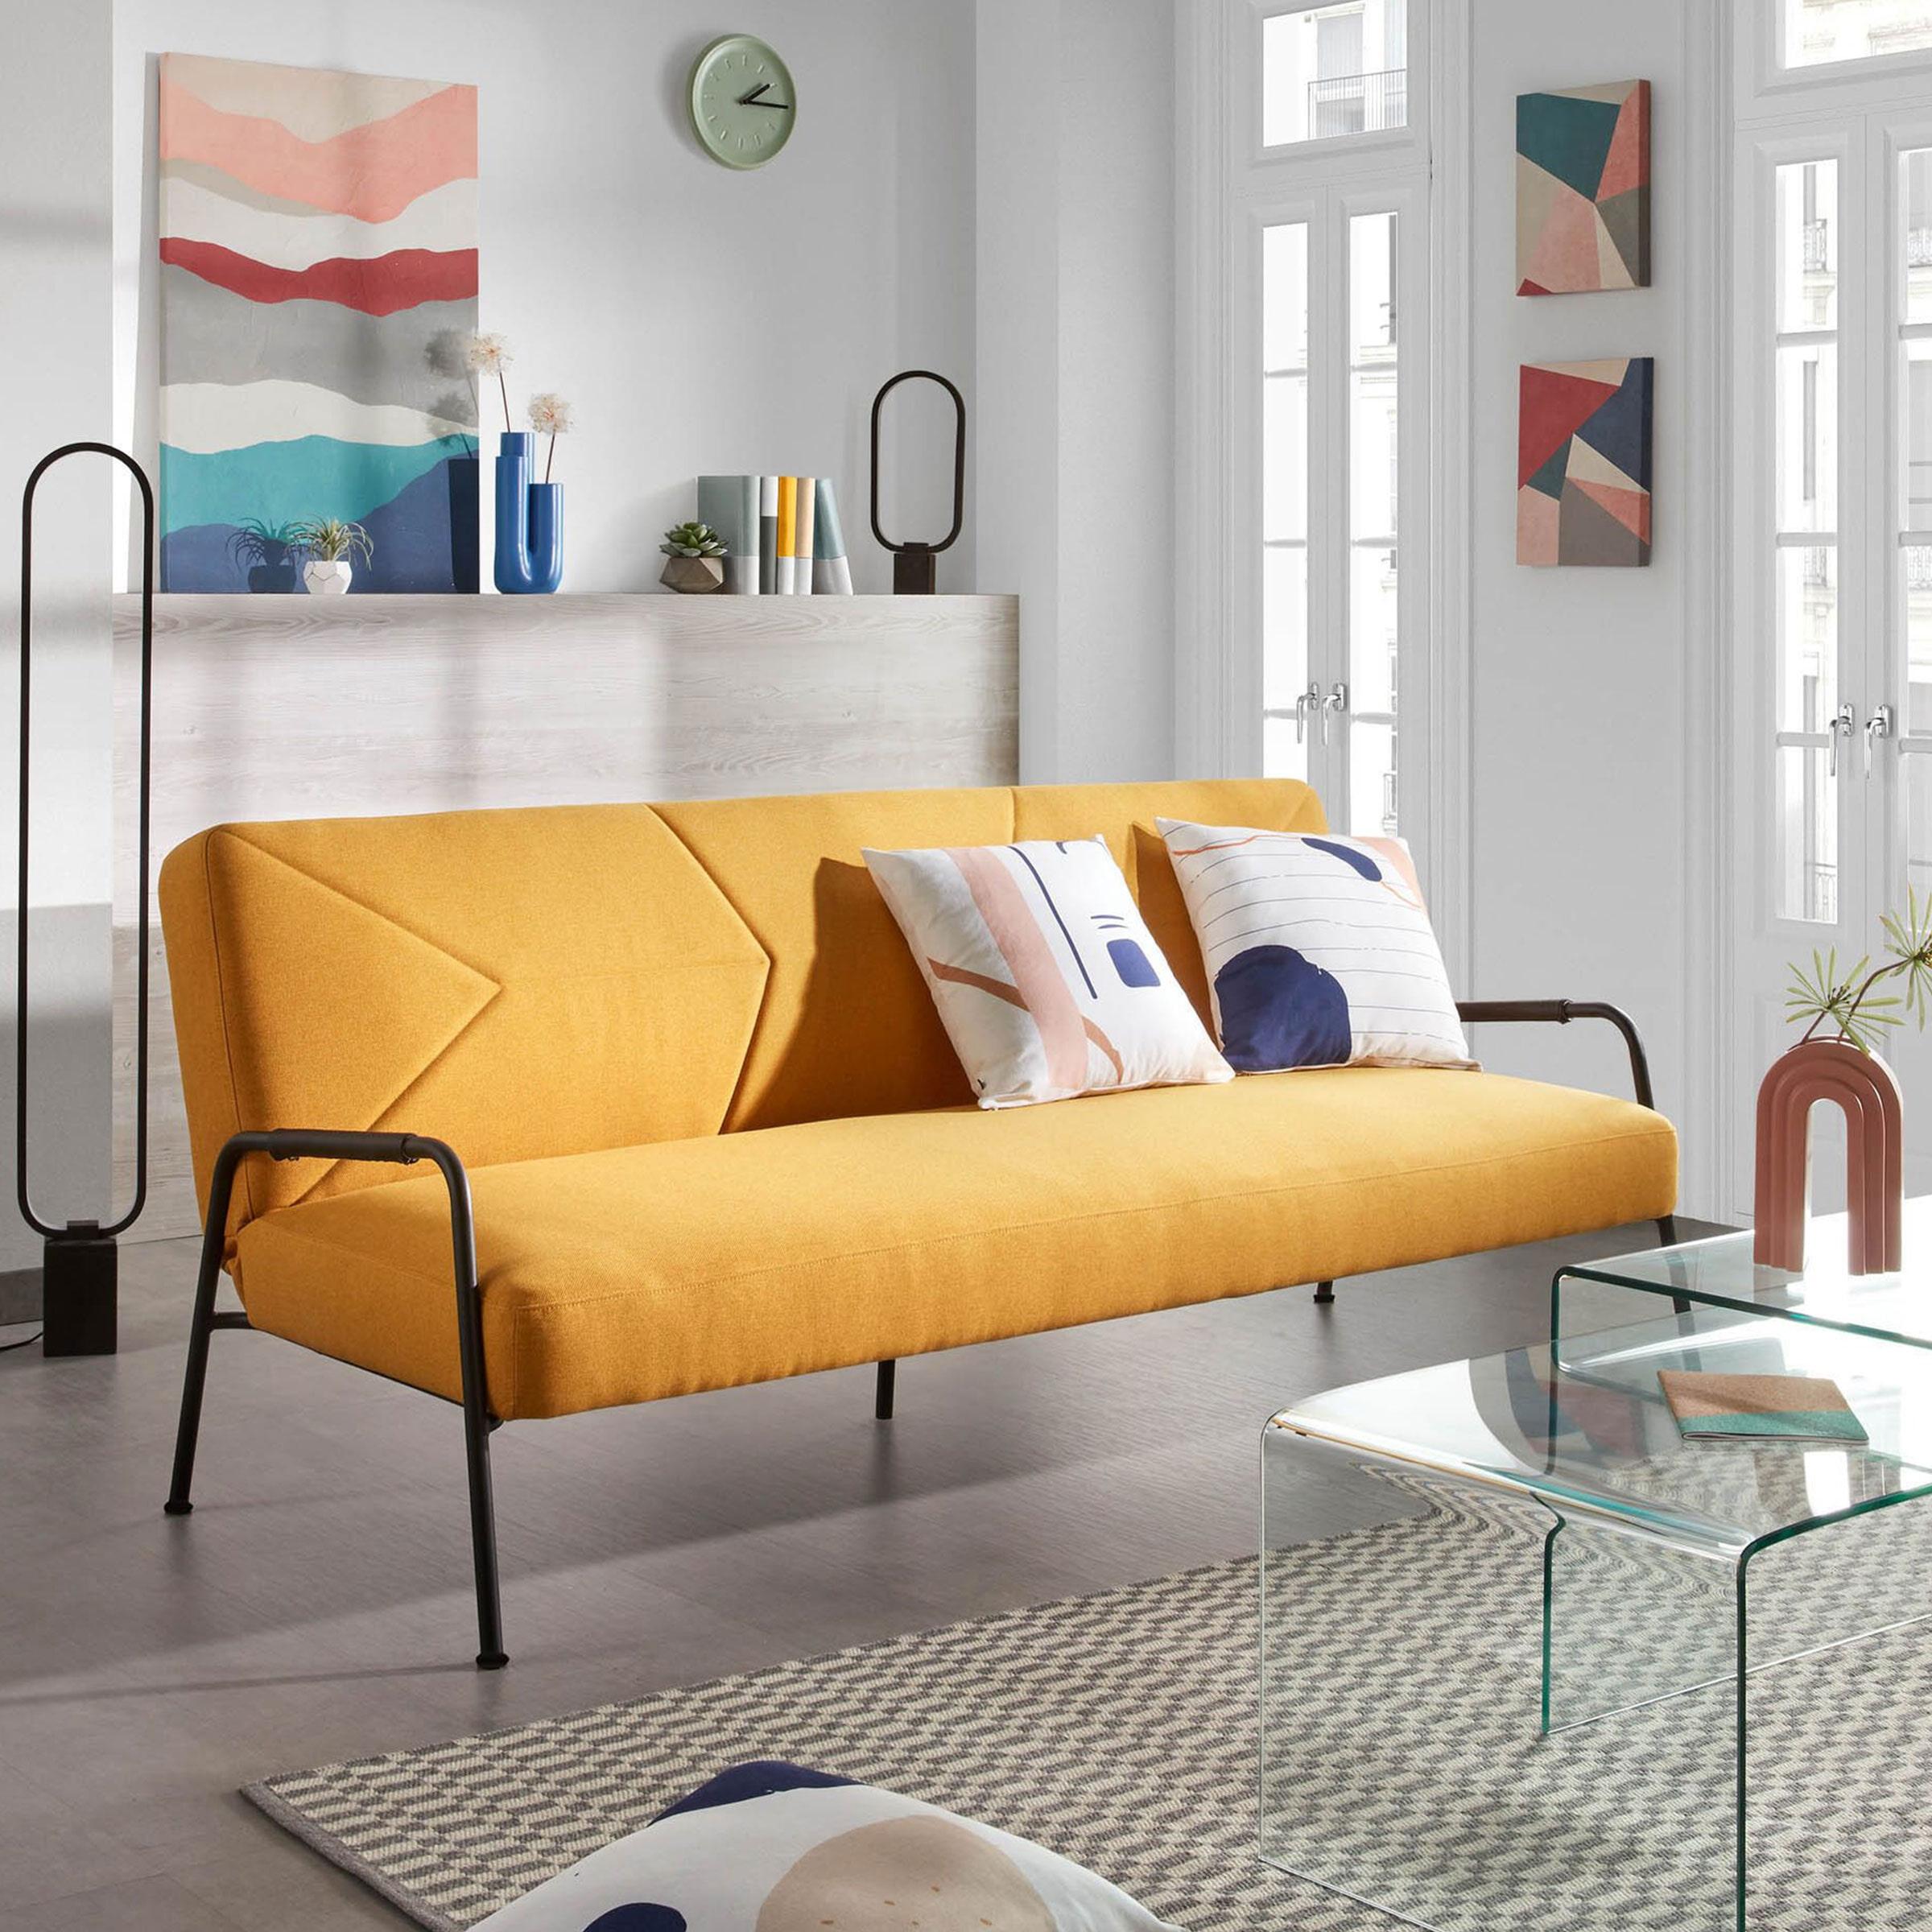 Kave Home Slaapbank 'Neiela', kleur Mosterdgeel